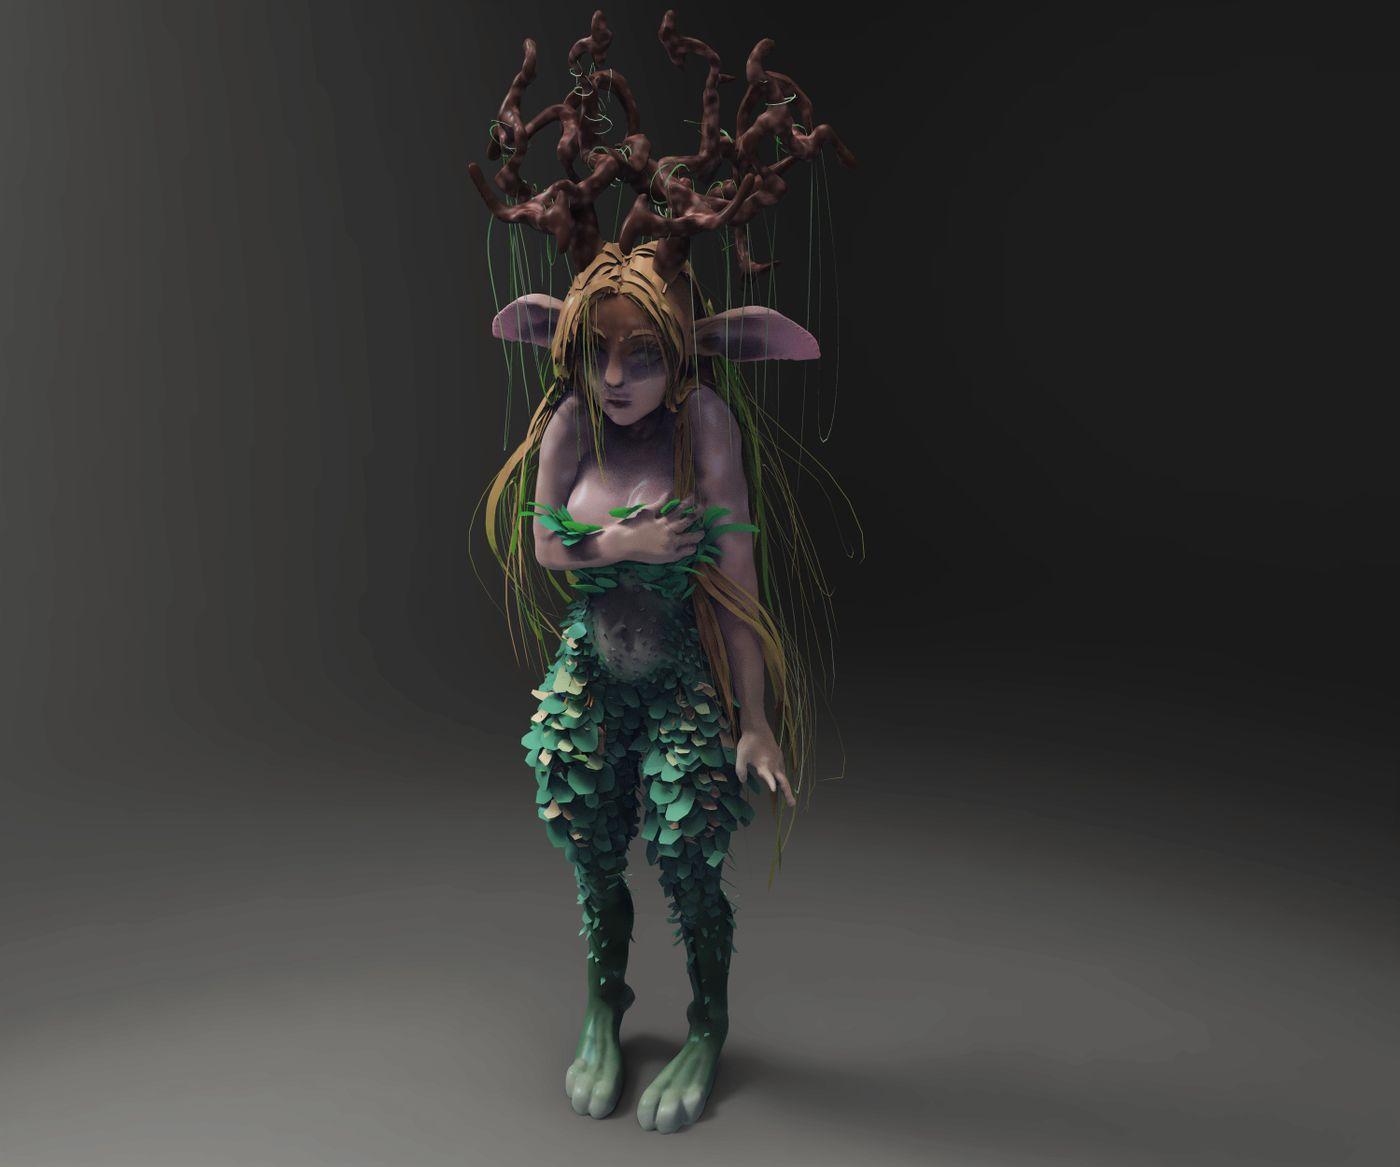 Deer%20 Girl%201 Kylebrand.5%202